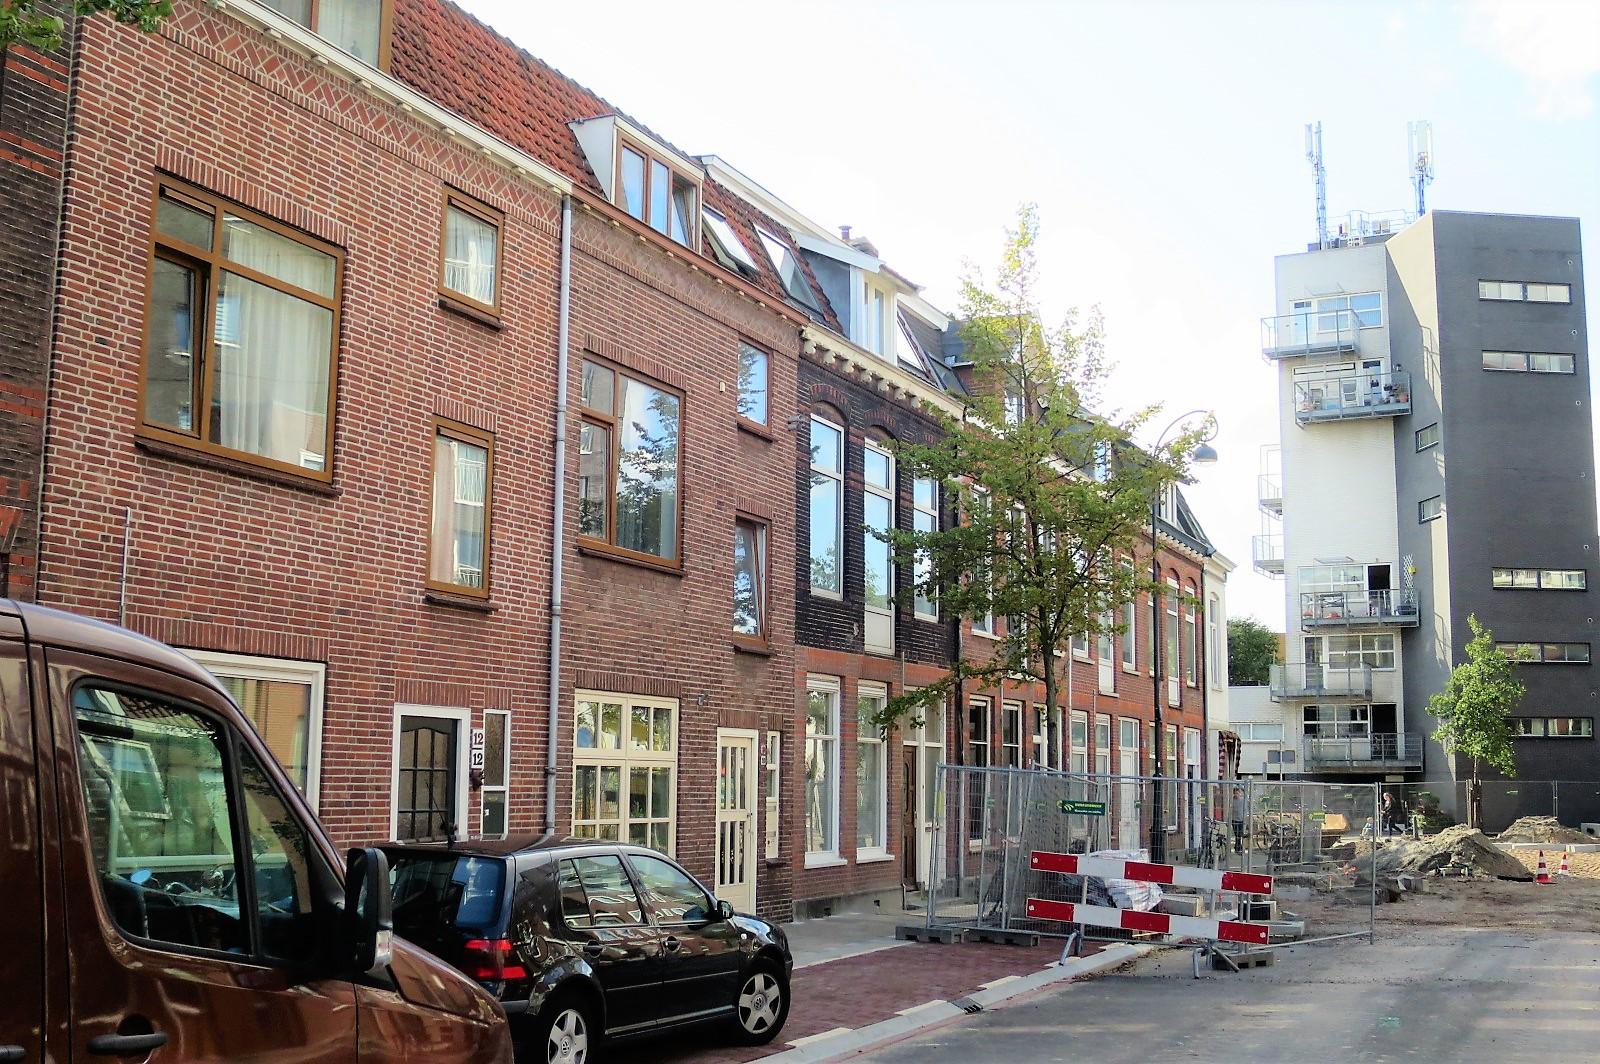 Teding van Berkhout